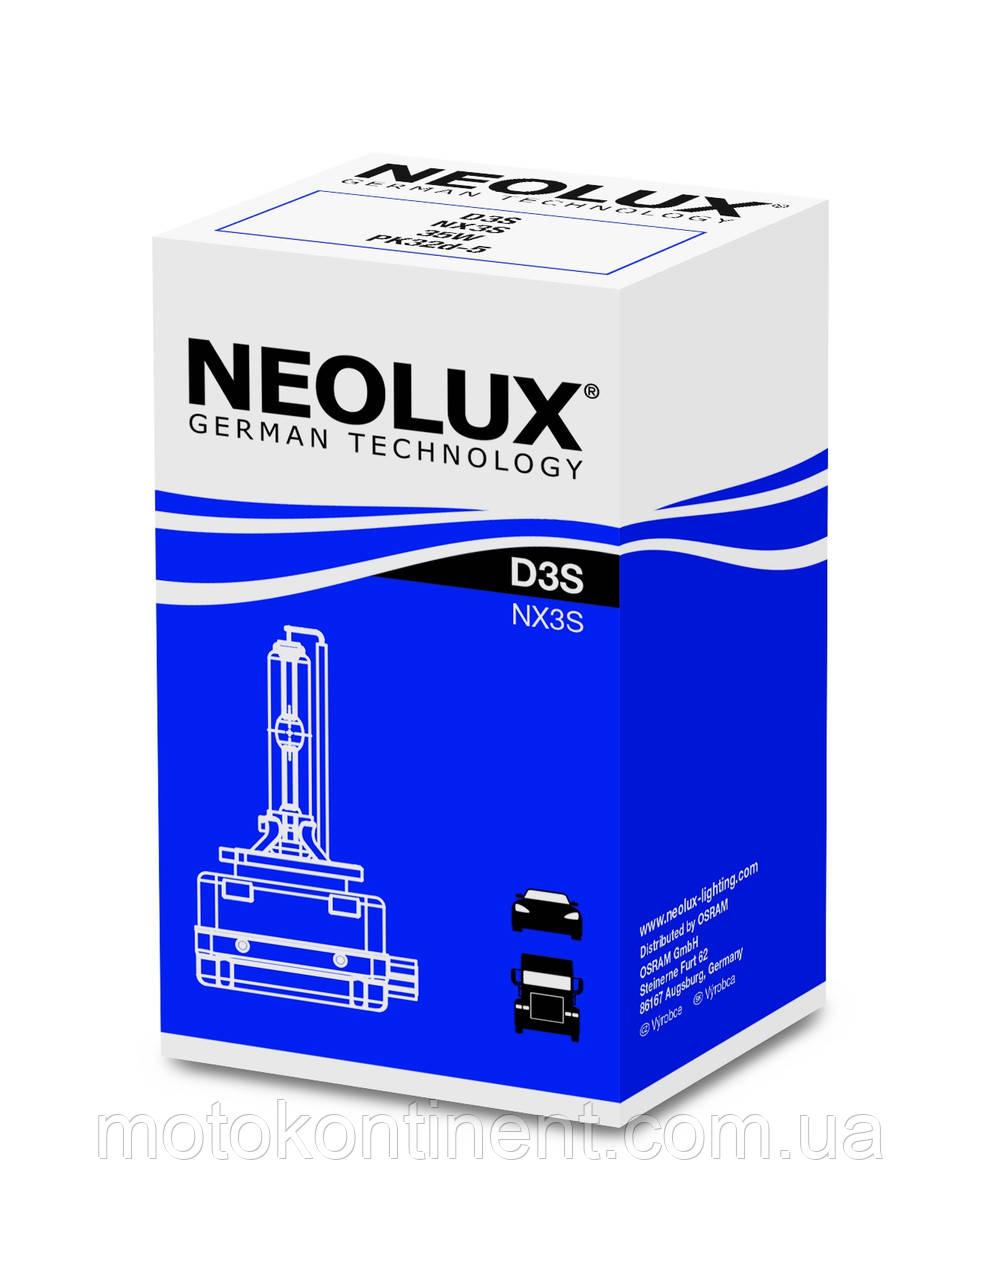 D3S Ксенон (неолюкс) Neolux STANDARD от OSRAM D3S 42V 35W 4300K PK32D-5